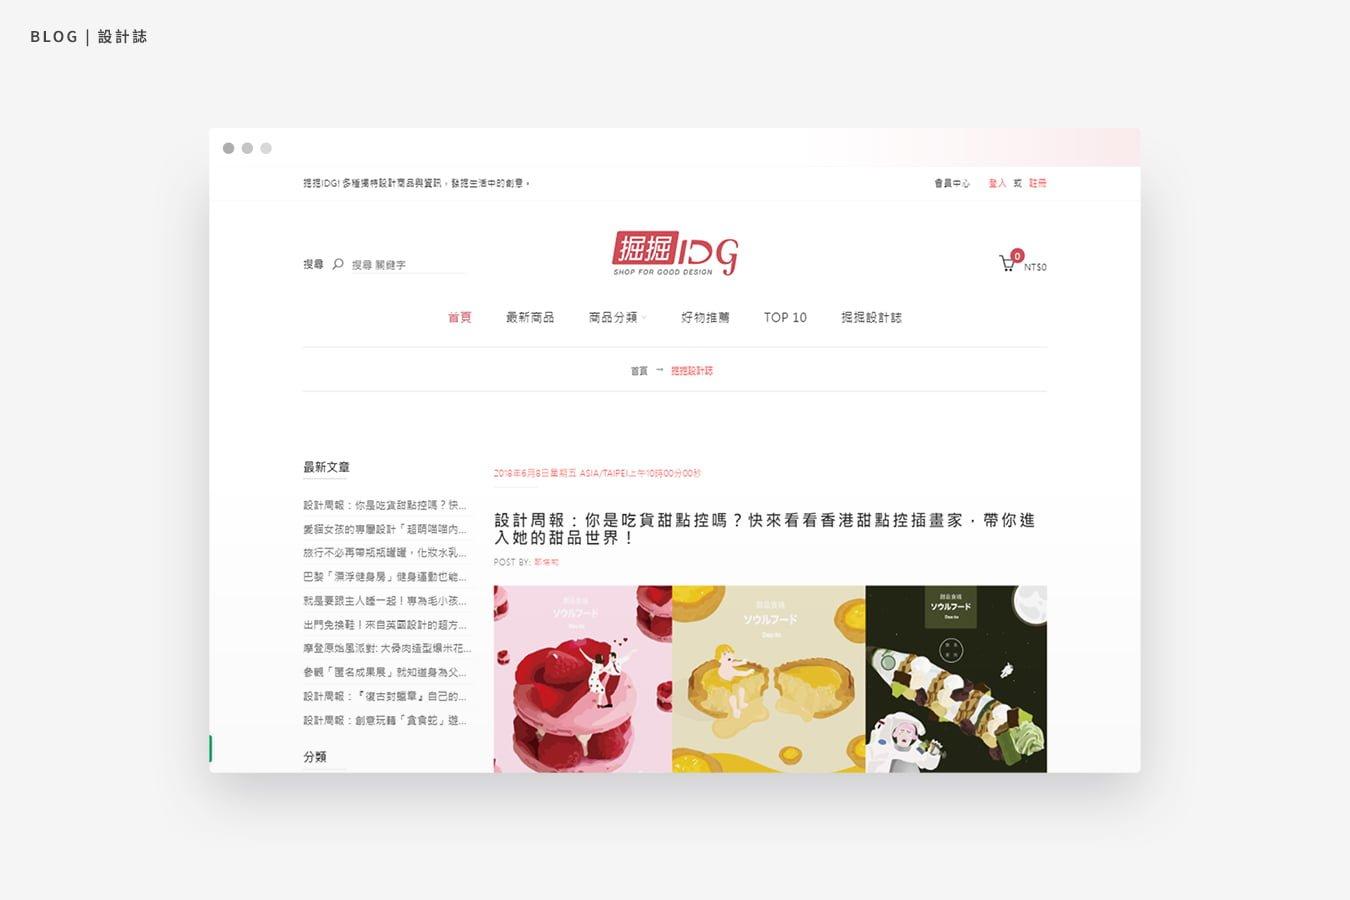 網站設計 | 掌握最新風格趨勢,讓您網站更吸睛。